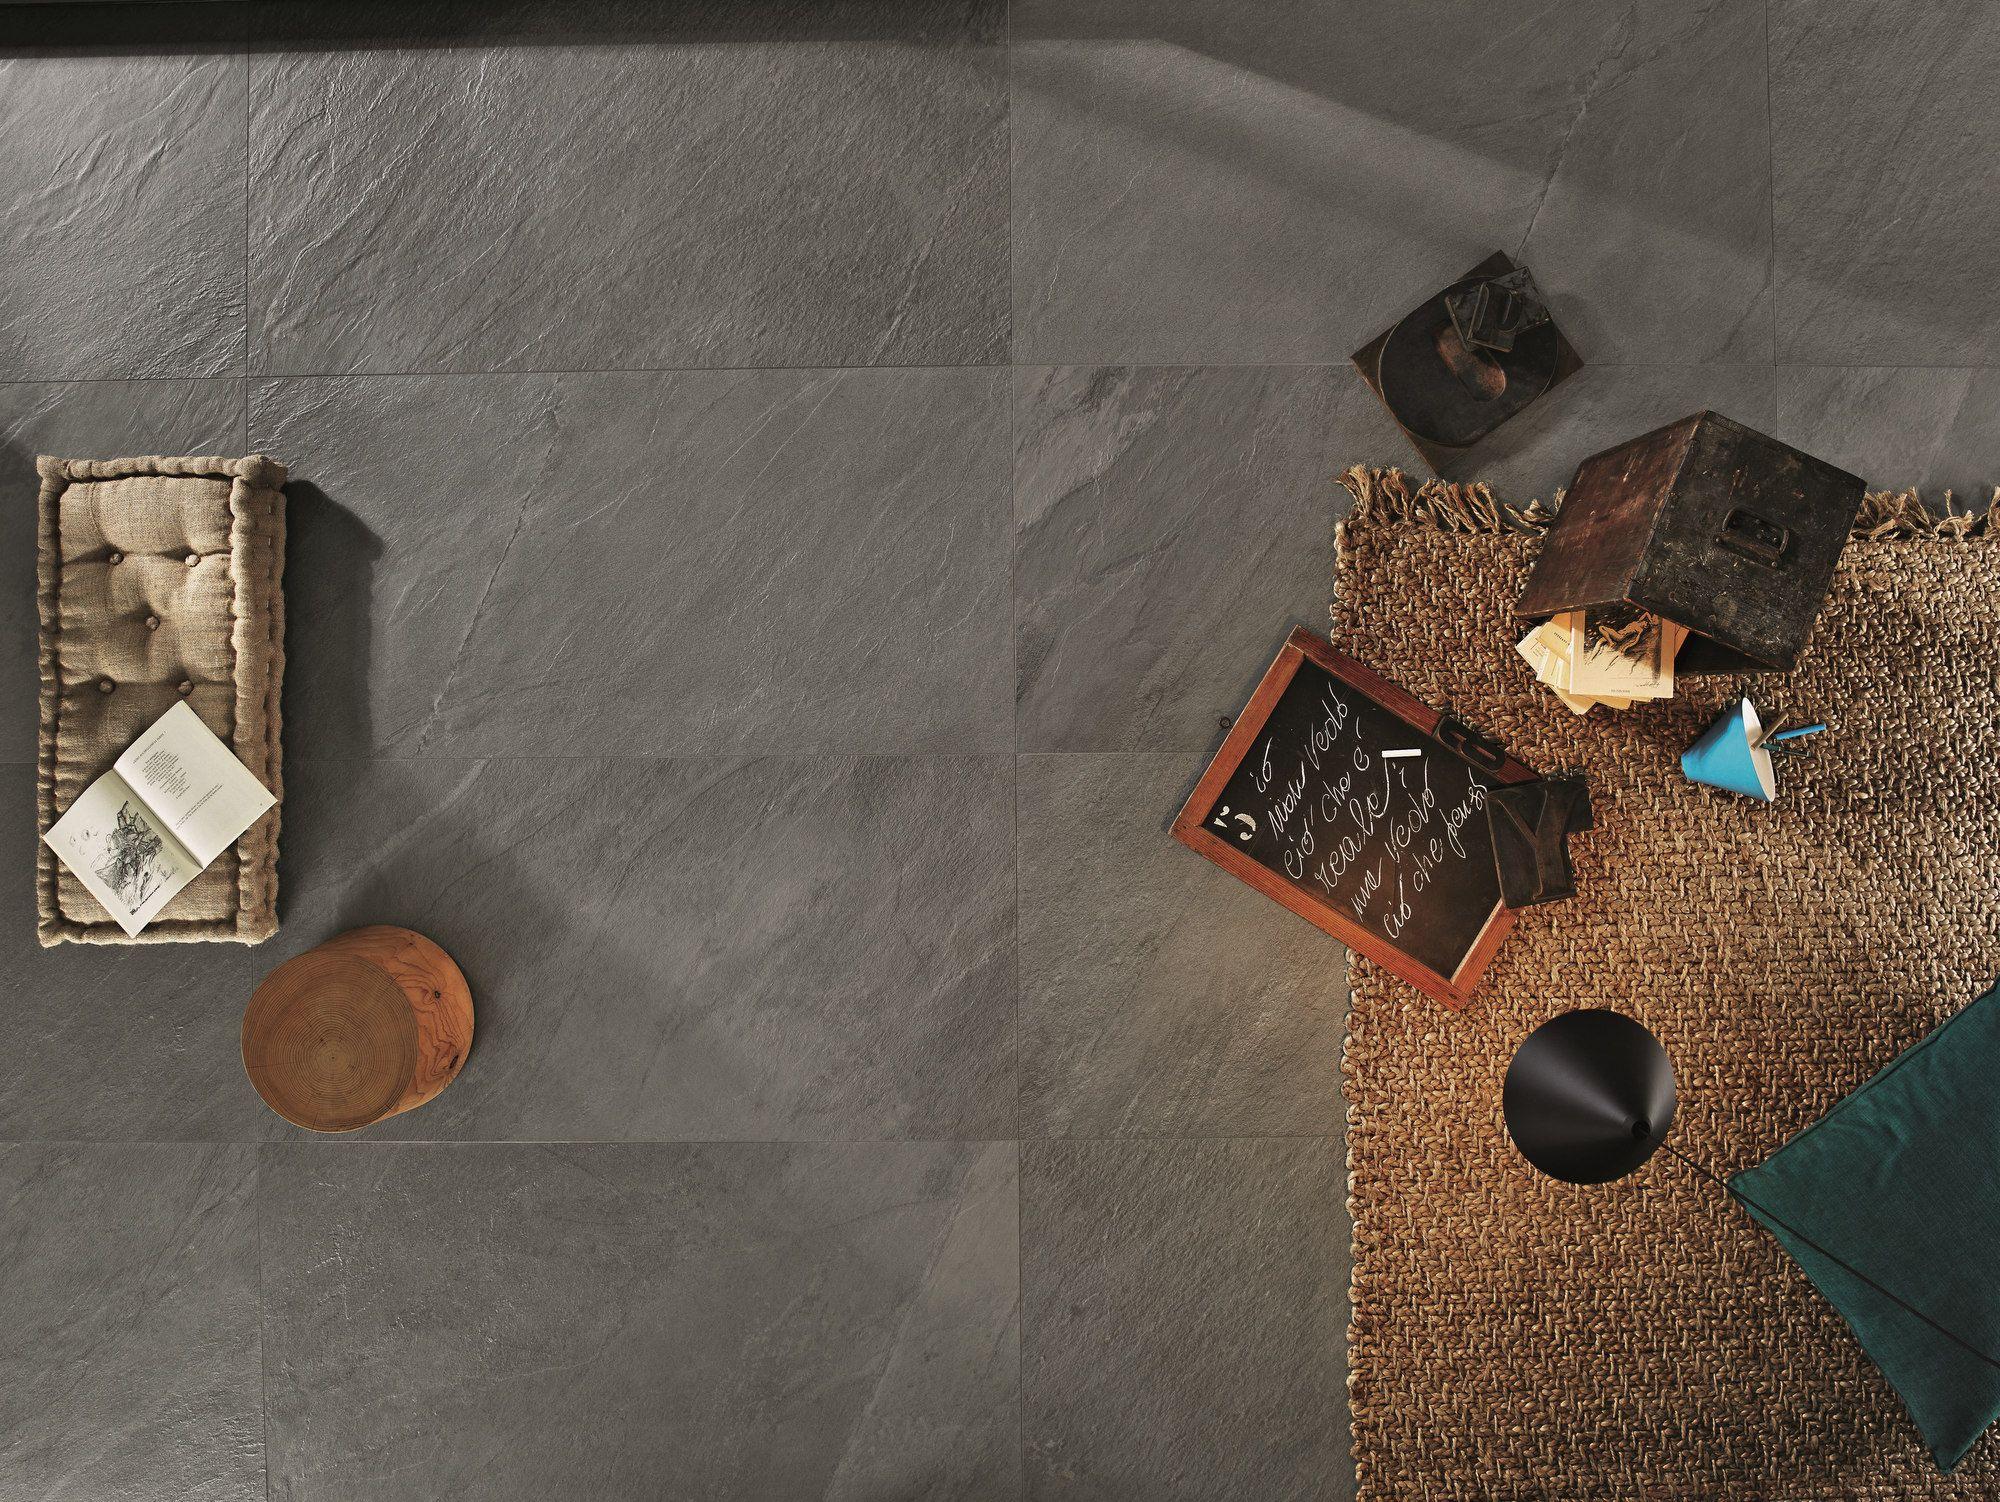 rev tement de sol en gr s c rame pleine masse pour. Black Bedroom Furniture Sets. Home Design Ideas